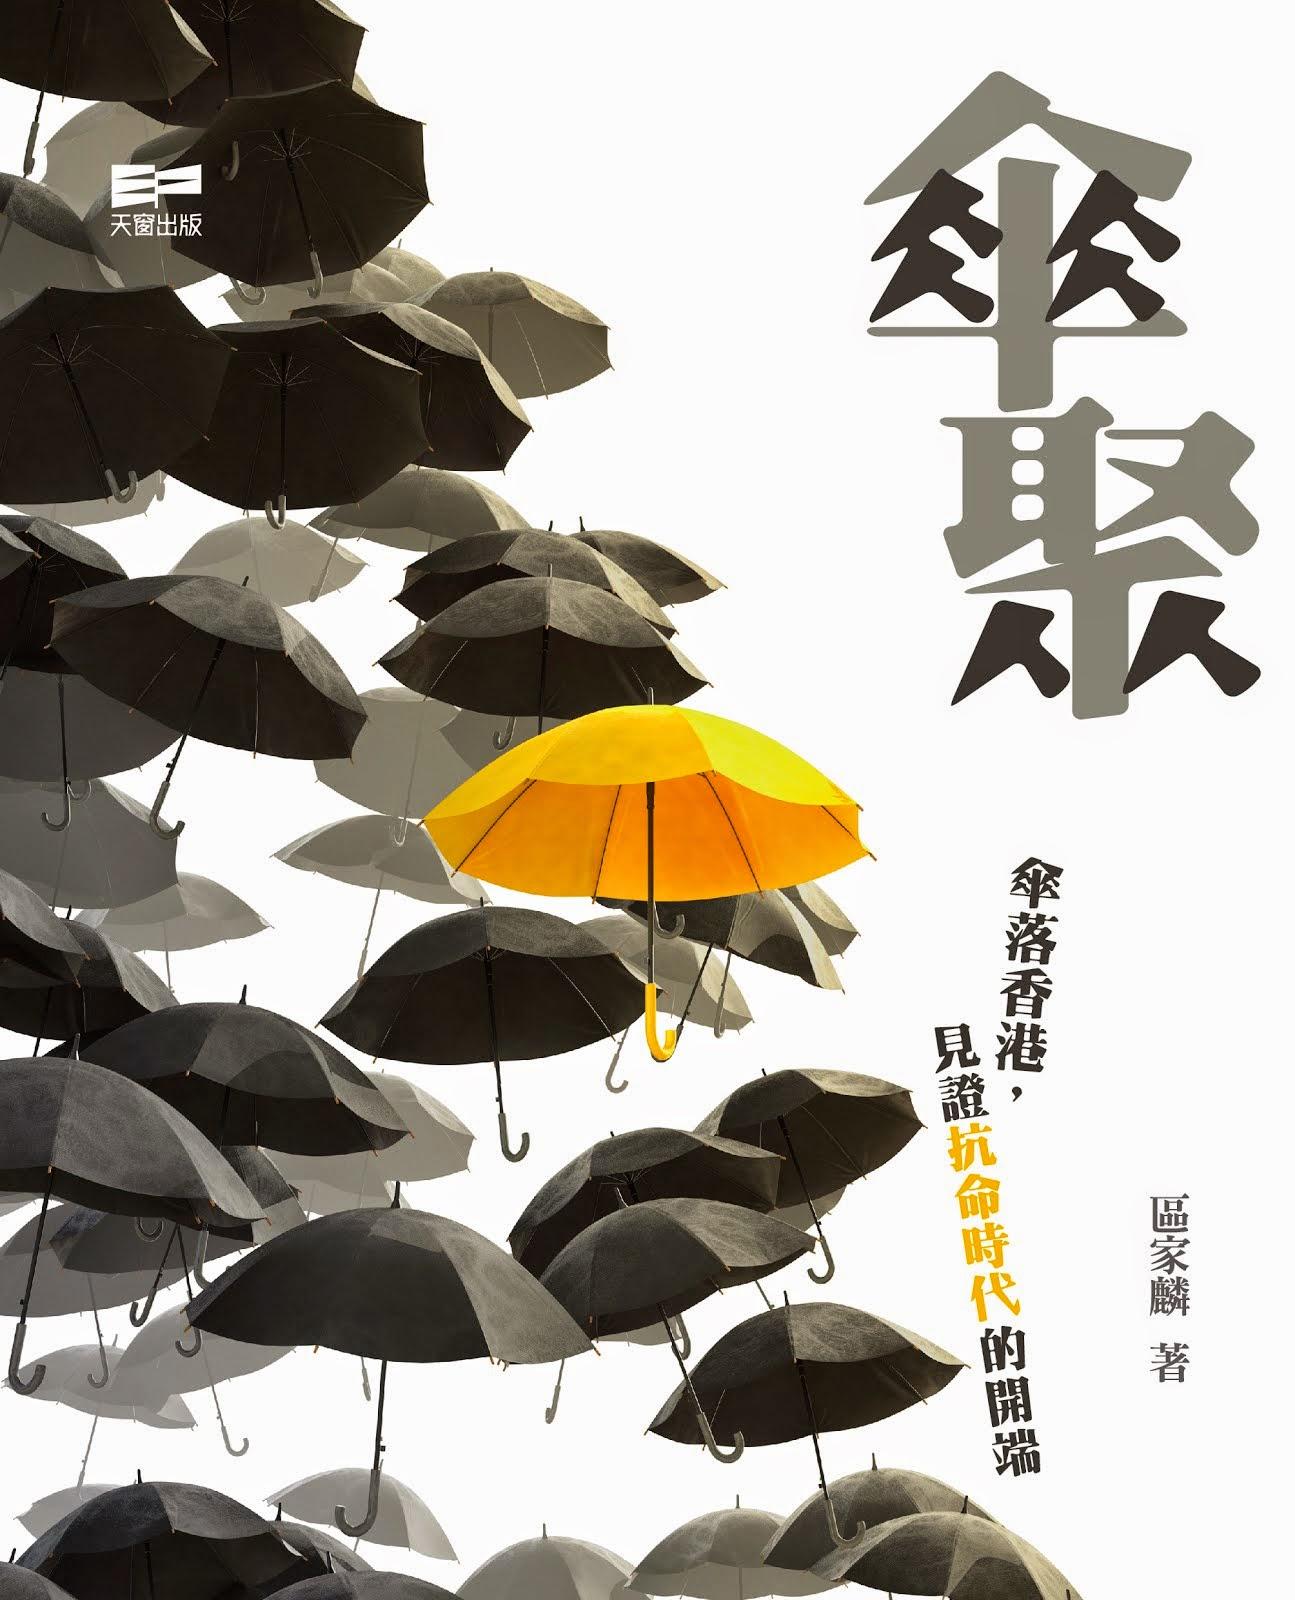 《傘聚》即將出版